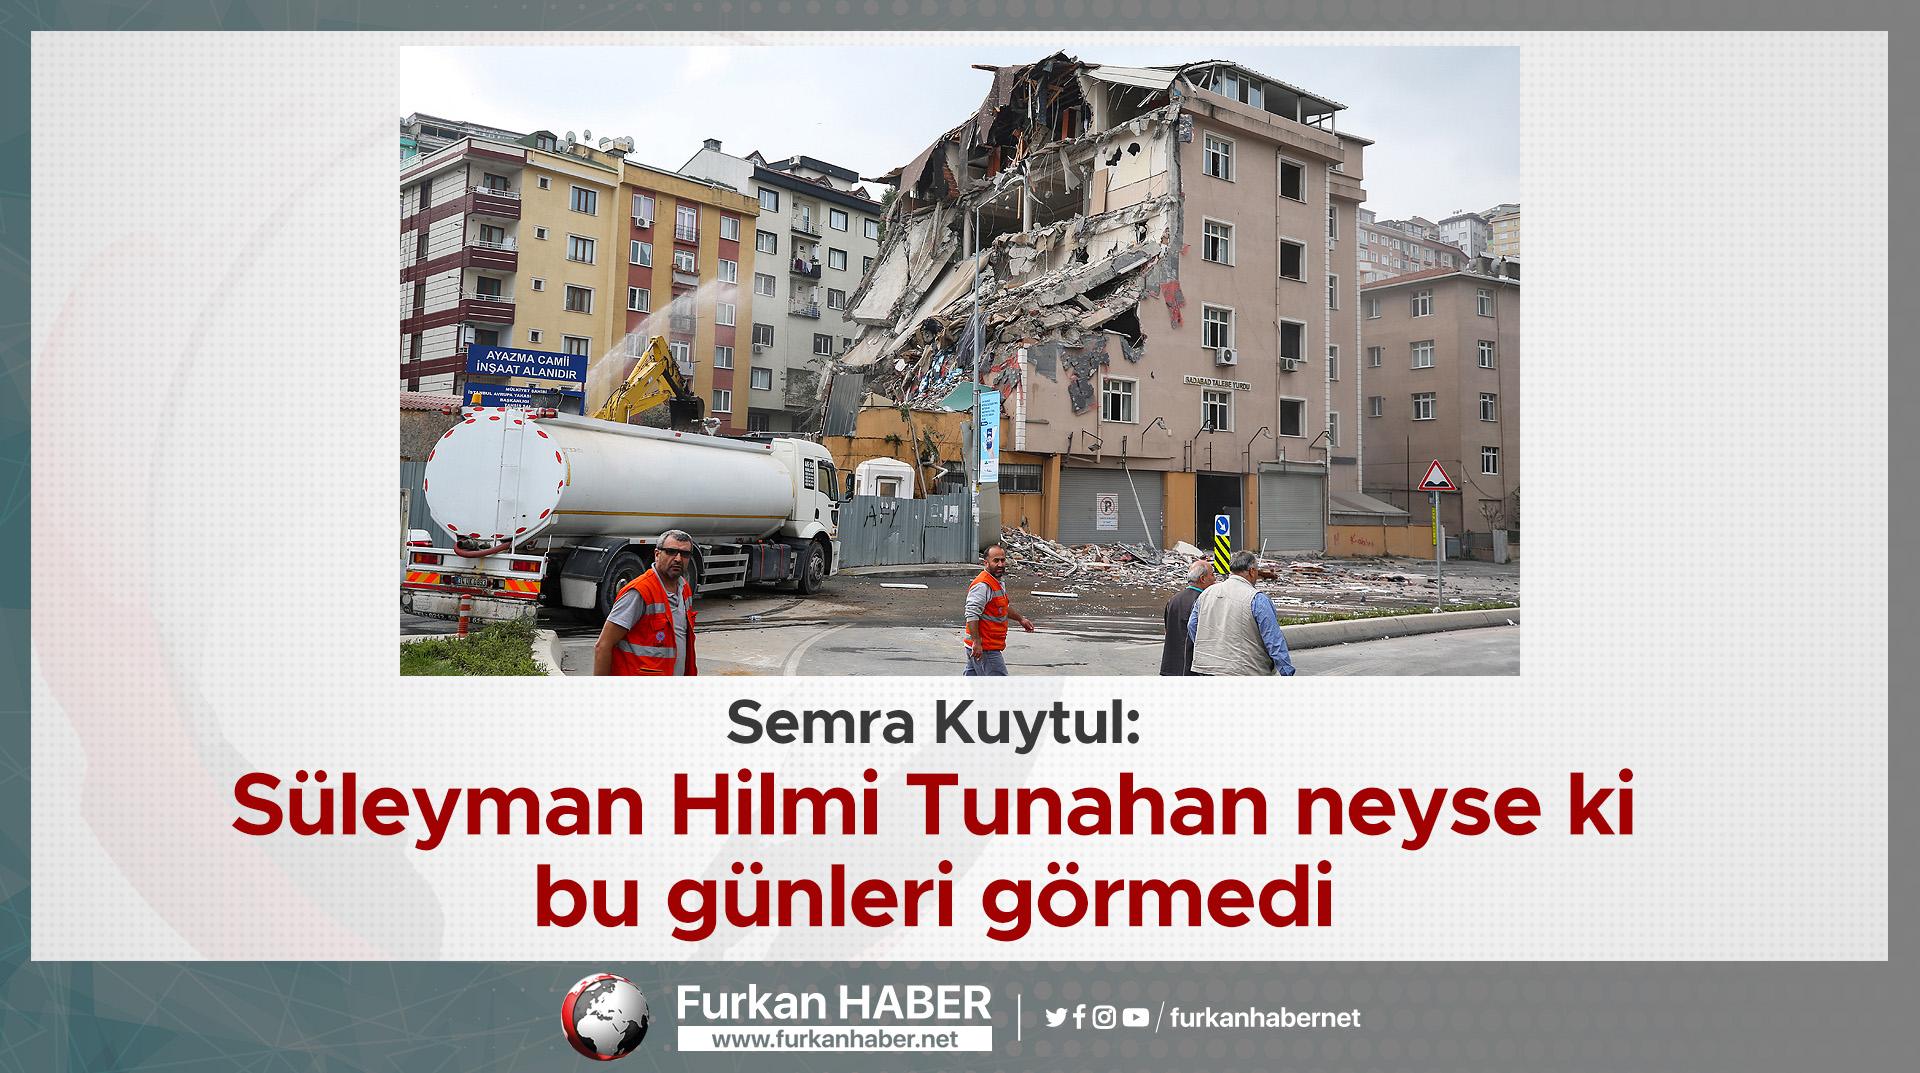 Semra Kuytul: Süleyman Hilmi Tunahan neyse ki bu günleri görmedi